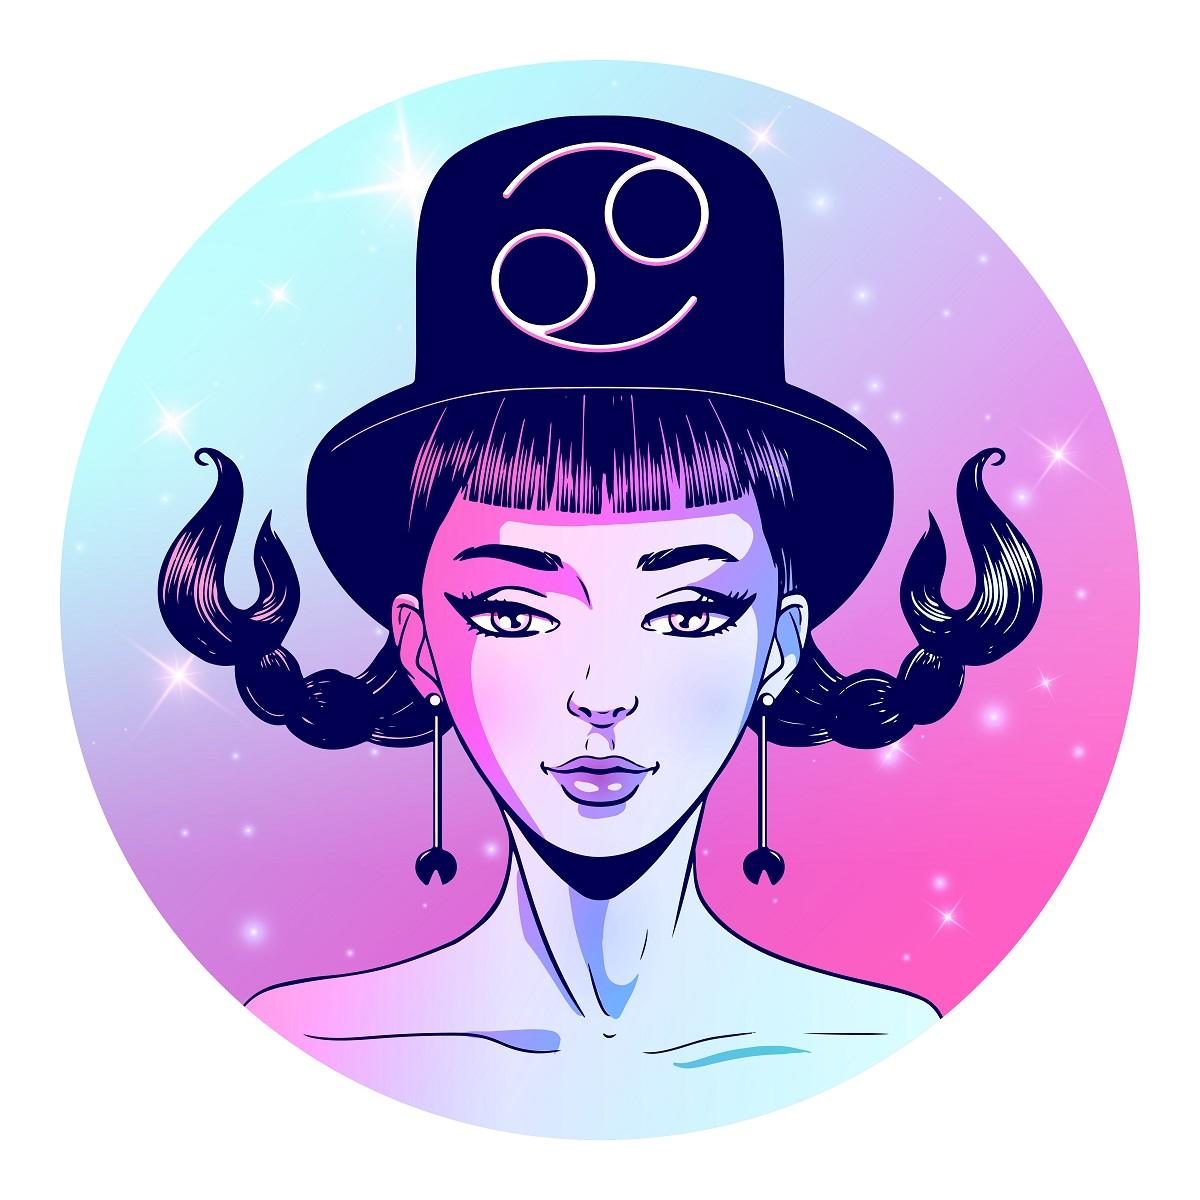 O femeie frumoasă cu cotițe care poartă pe cap o pălărie pe care se află semnul pentru zodia Rac